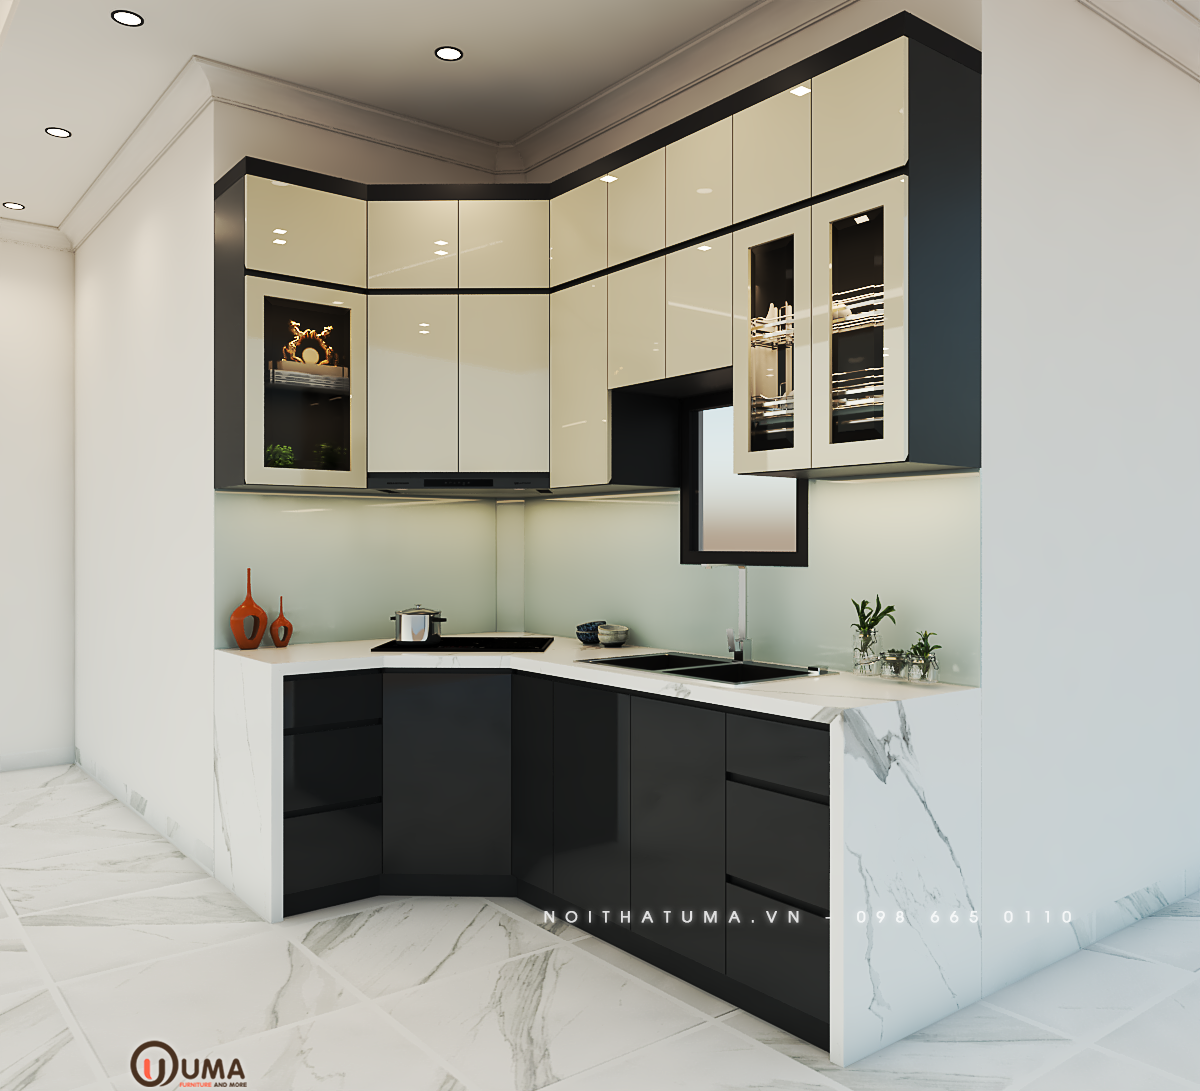 Thiết kế tủ bếp nhỏ gọn, tiện nghi tốt được người dùng ưa chuộng cho chung cư